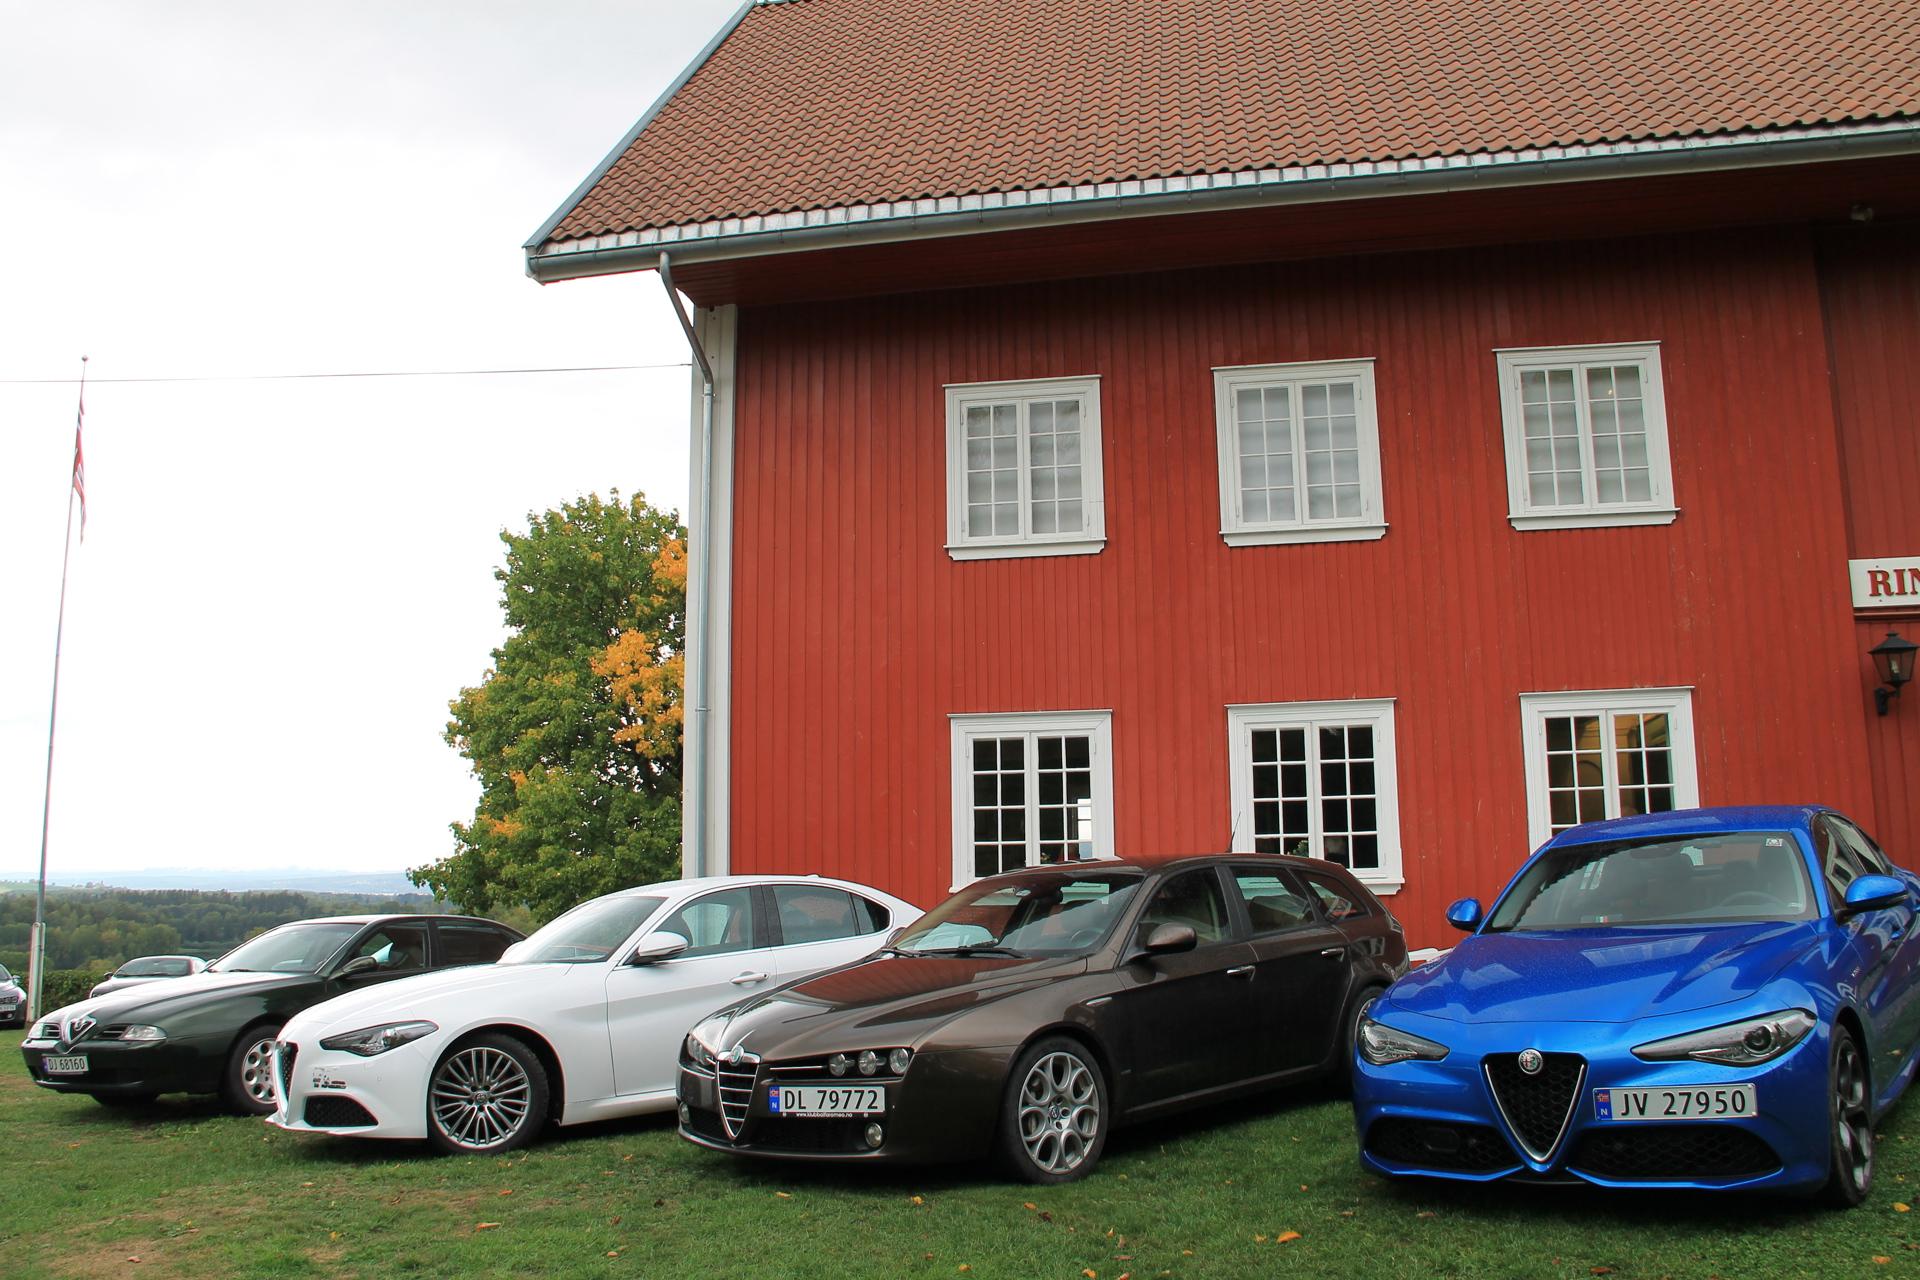 166 grønn Giulia hvit 159 brun Giulia Misanoblå.JP